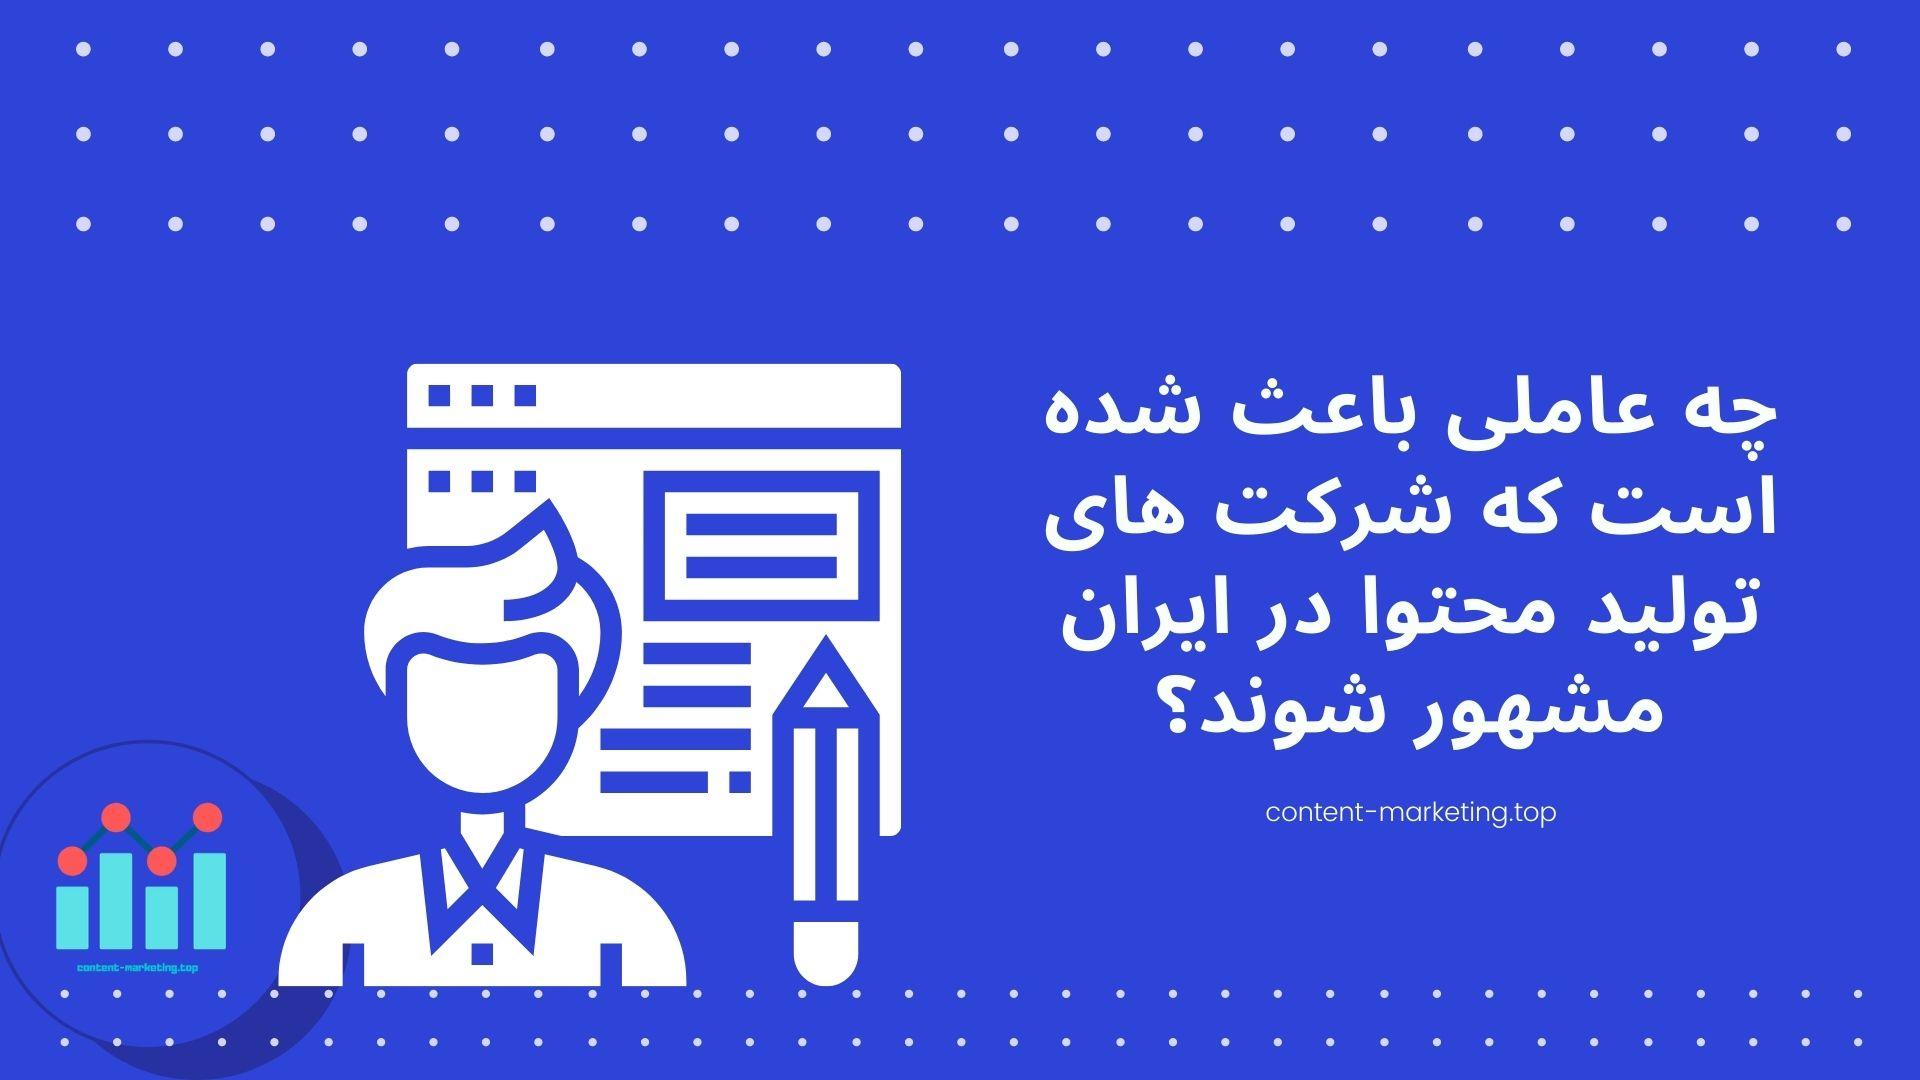 چه عاملی باعث شده است که شرکت های تولید محتوا در ایران مشهور شوند؟